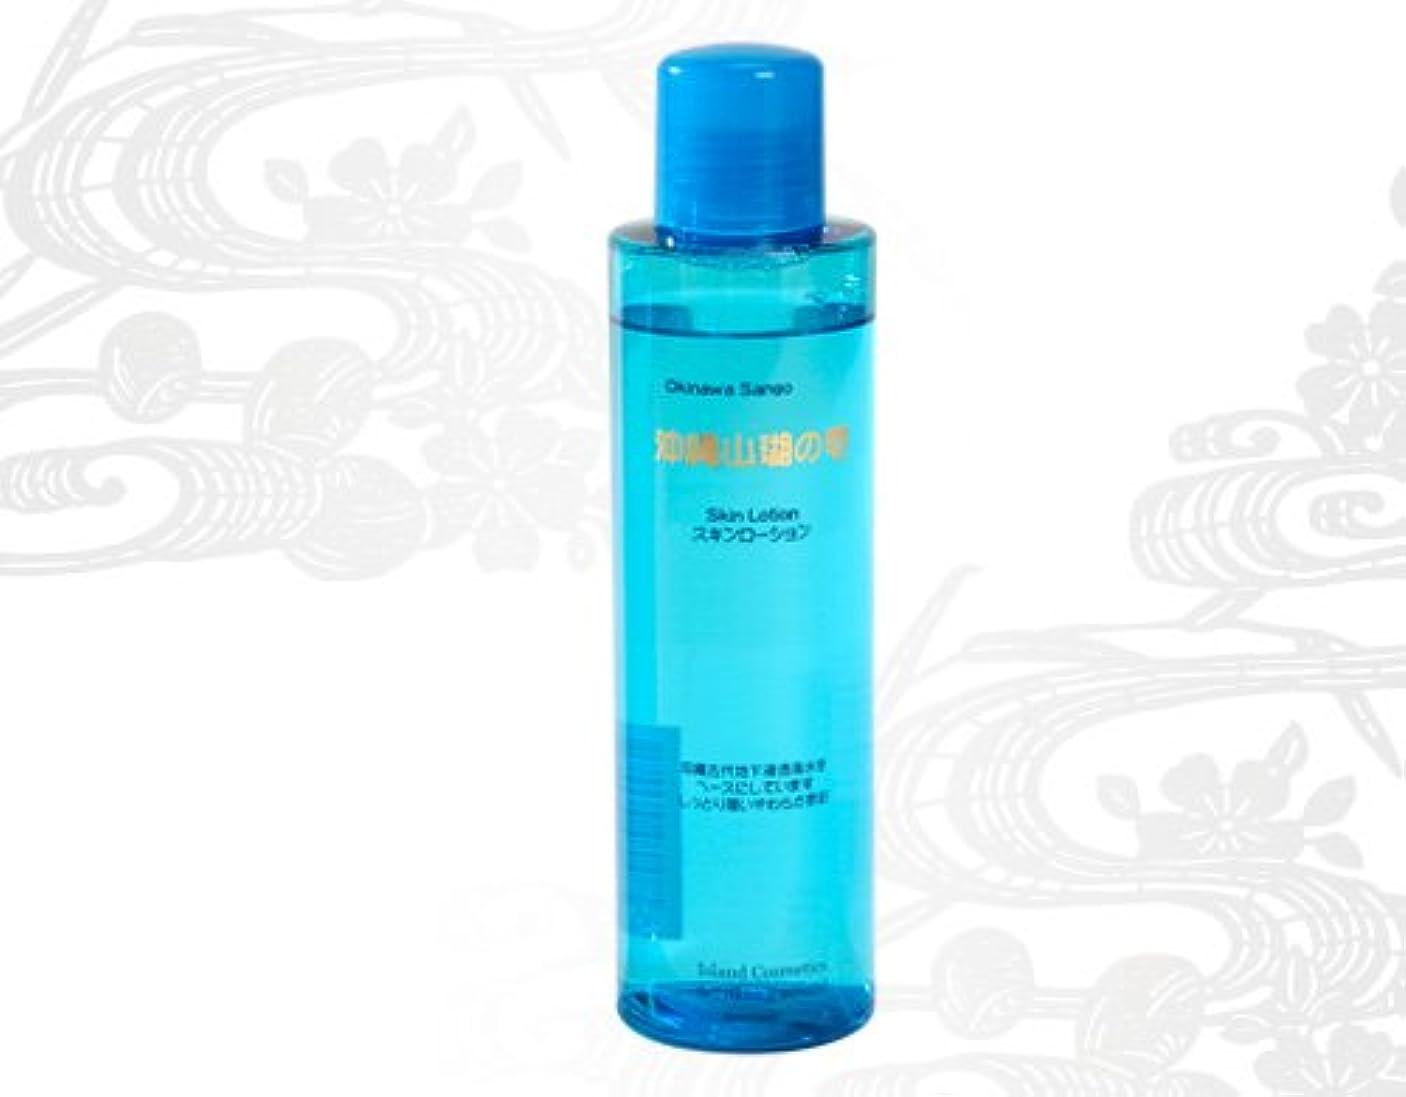 中断キャンドル成長沖縄山瑚の雫 スキンローション 200ml×2本 アイランド ミネラル豊富な沖縄さんご水をベースにした全肌質向けの化粧水